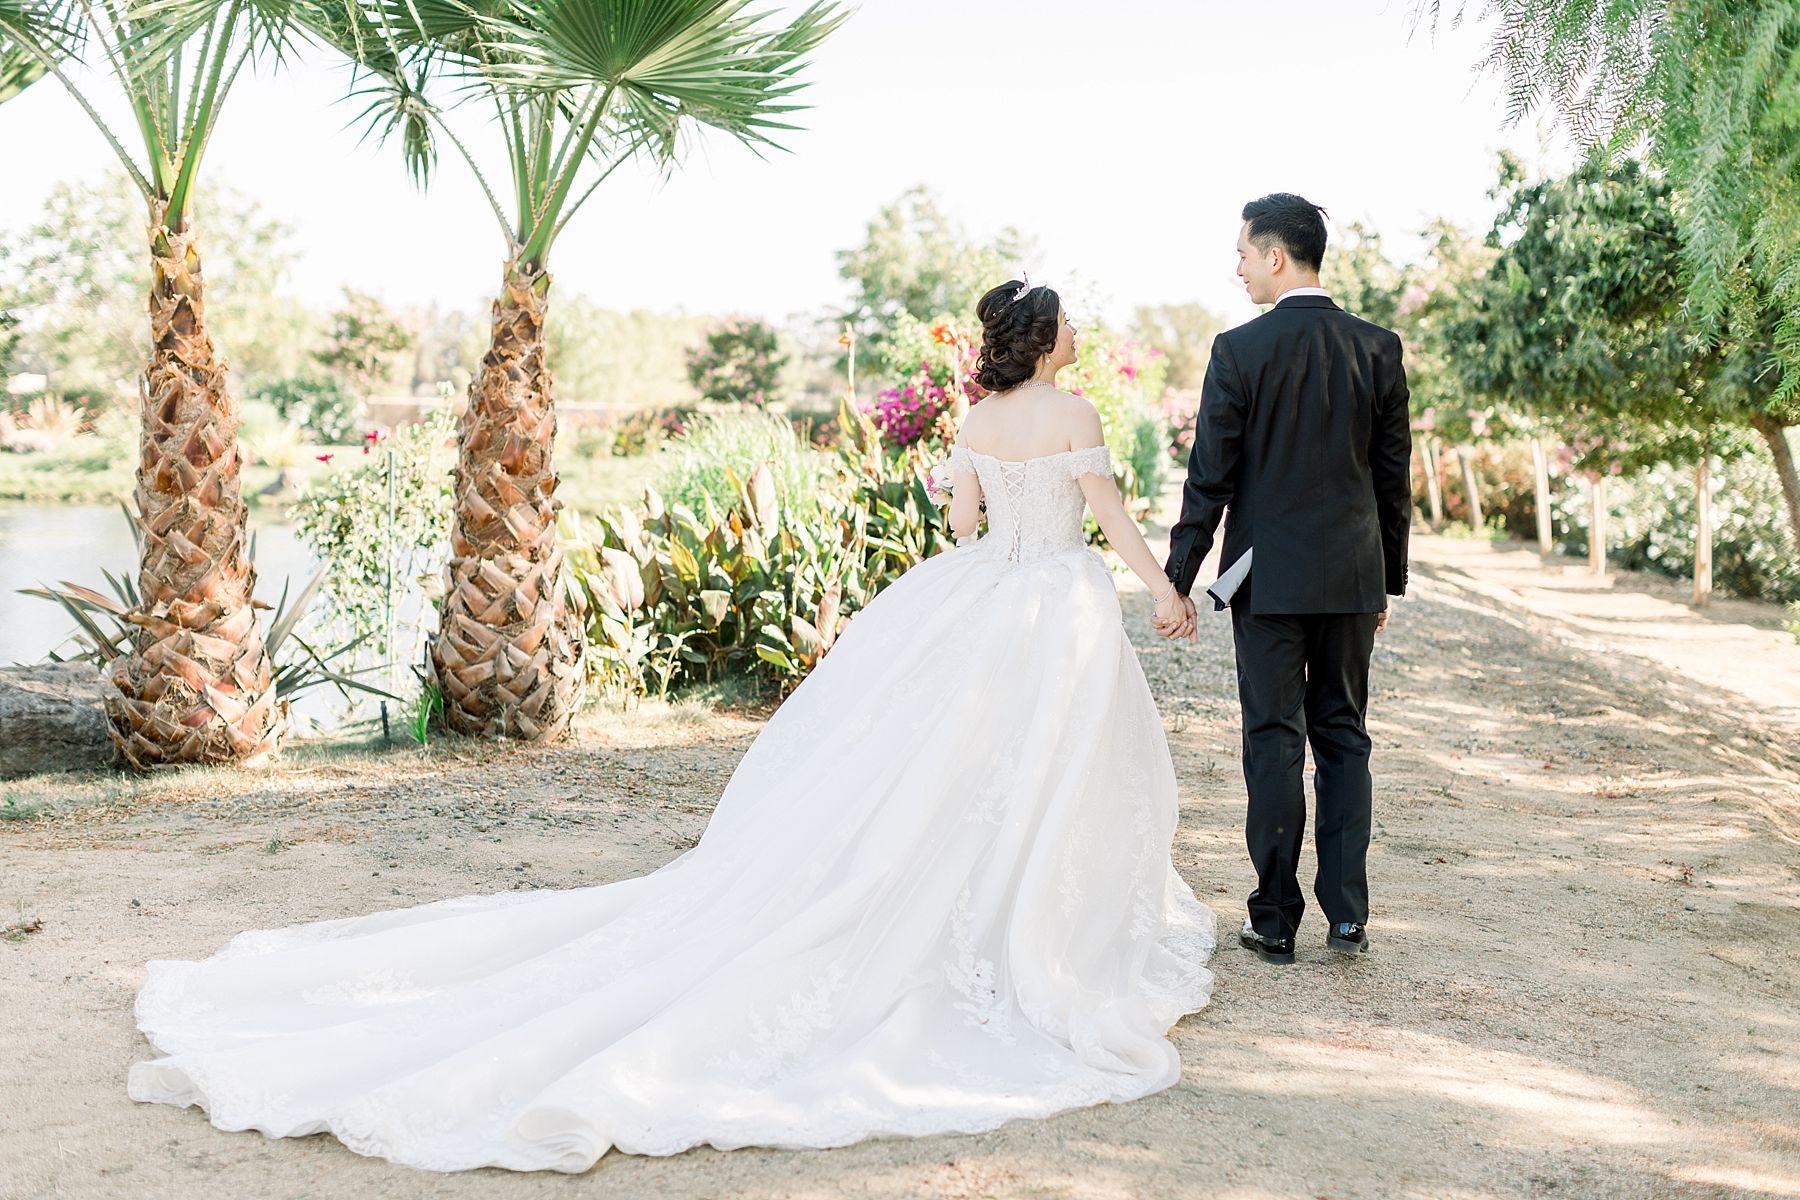 Newberry Estate Vineyards Wedding - Ashley Baumgartner - Jasmine and Johhny - Bay Area Wedding Photographer - Sacramento Wedding Photographer_0026.jpg